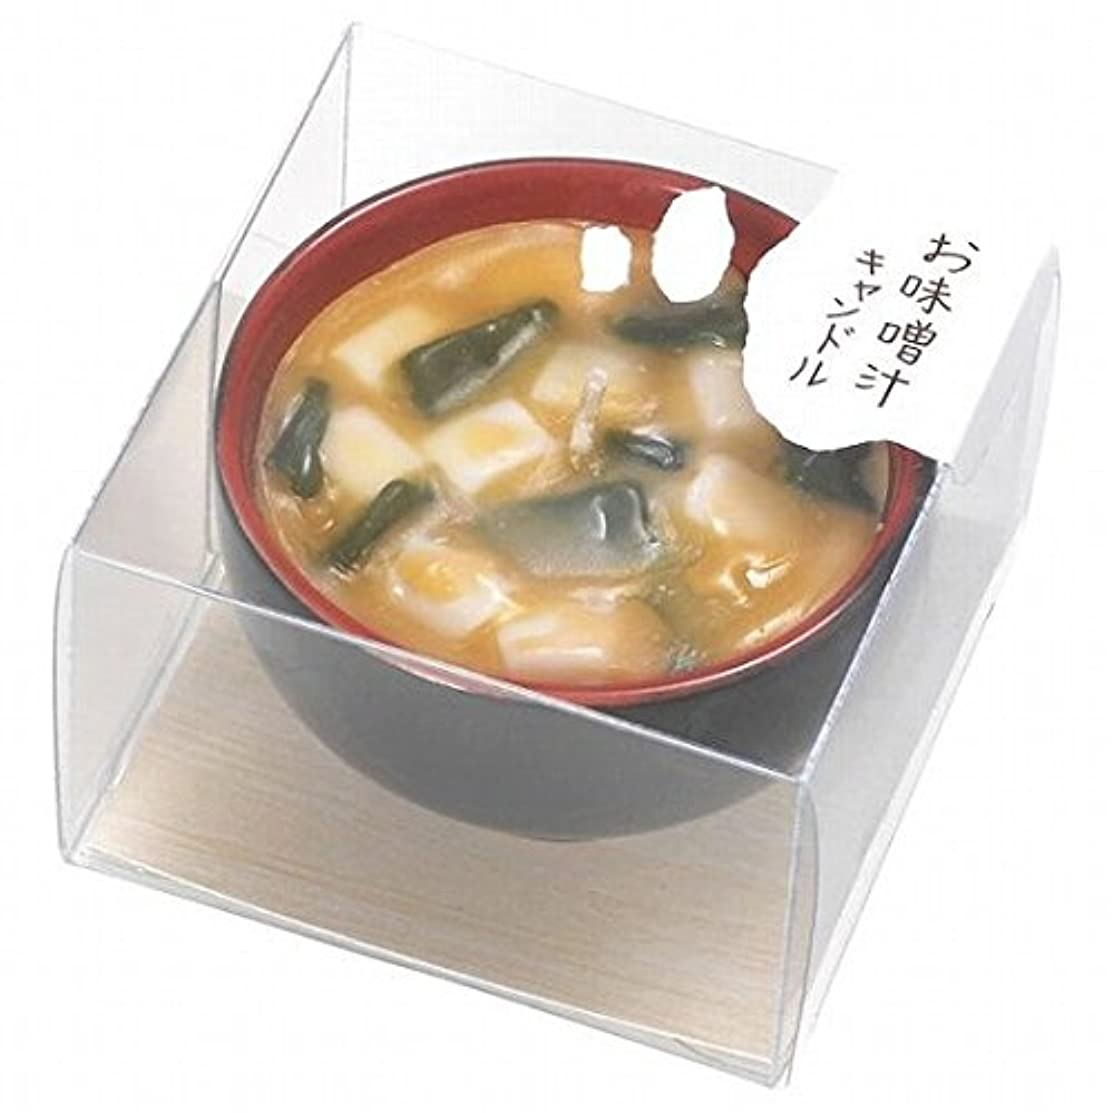 休眠実施する凶暴なkameyama candle(カメヤマキャンドル) お味噌汁キャンドル(86950000)